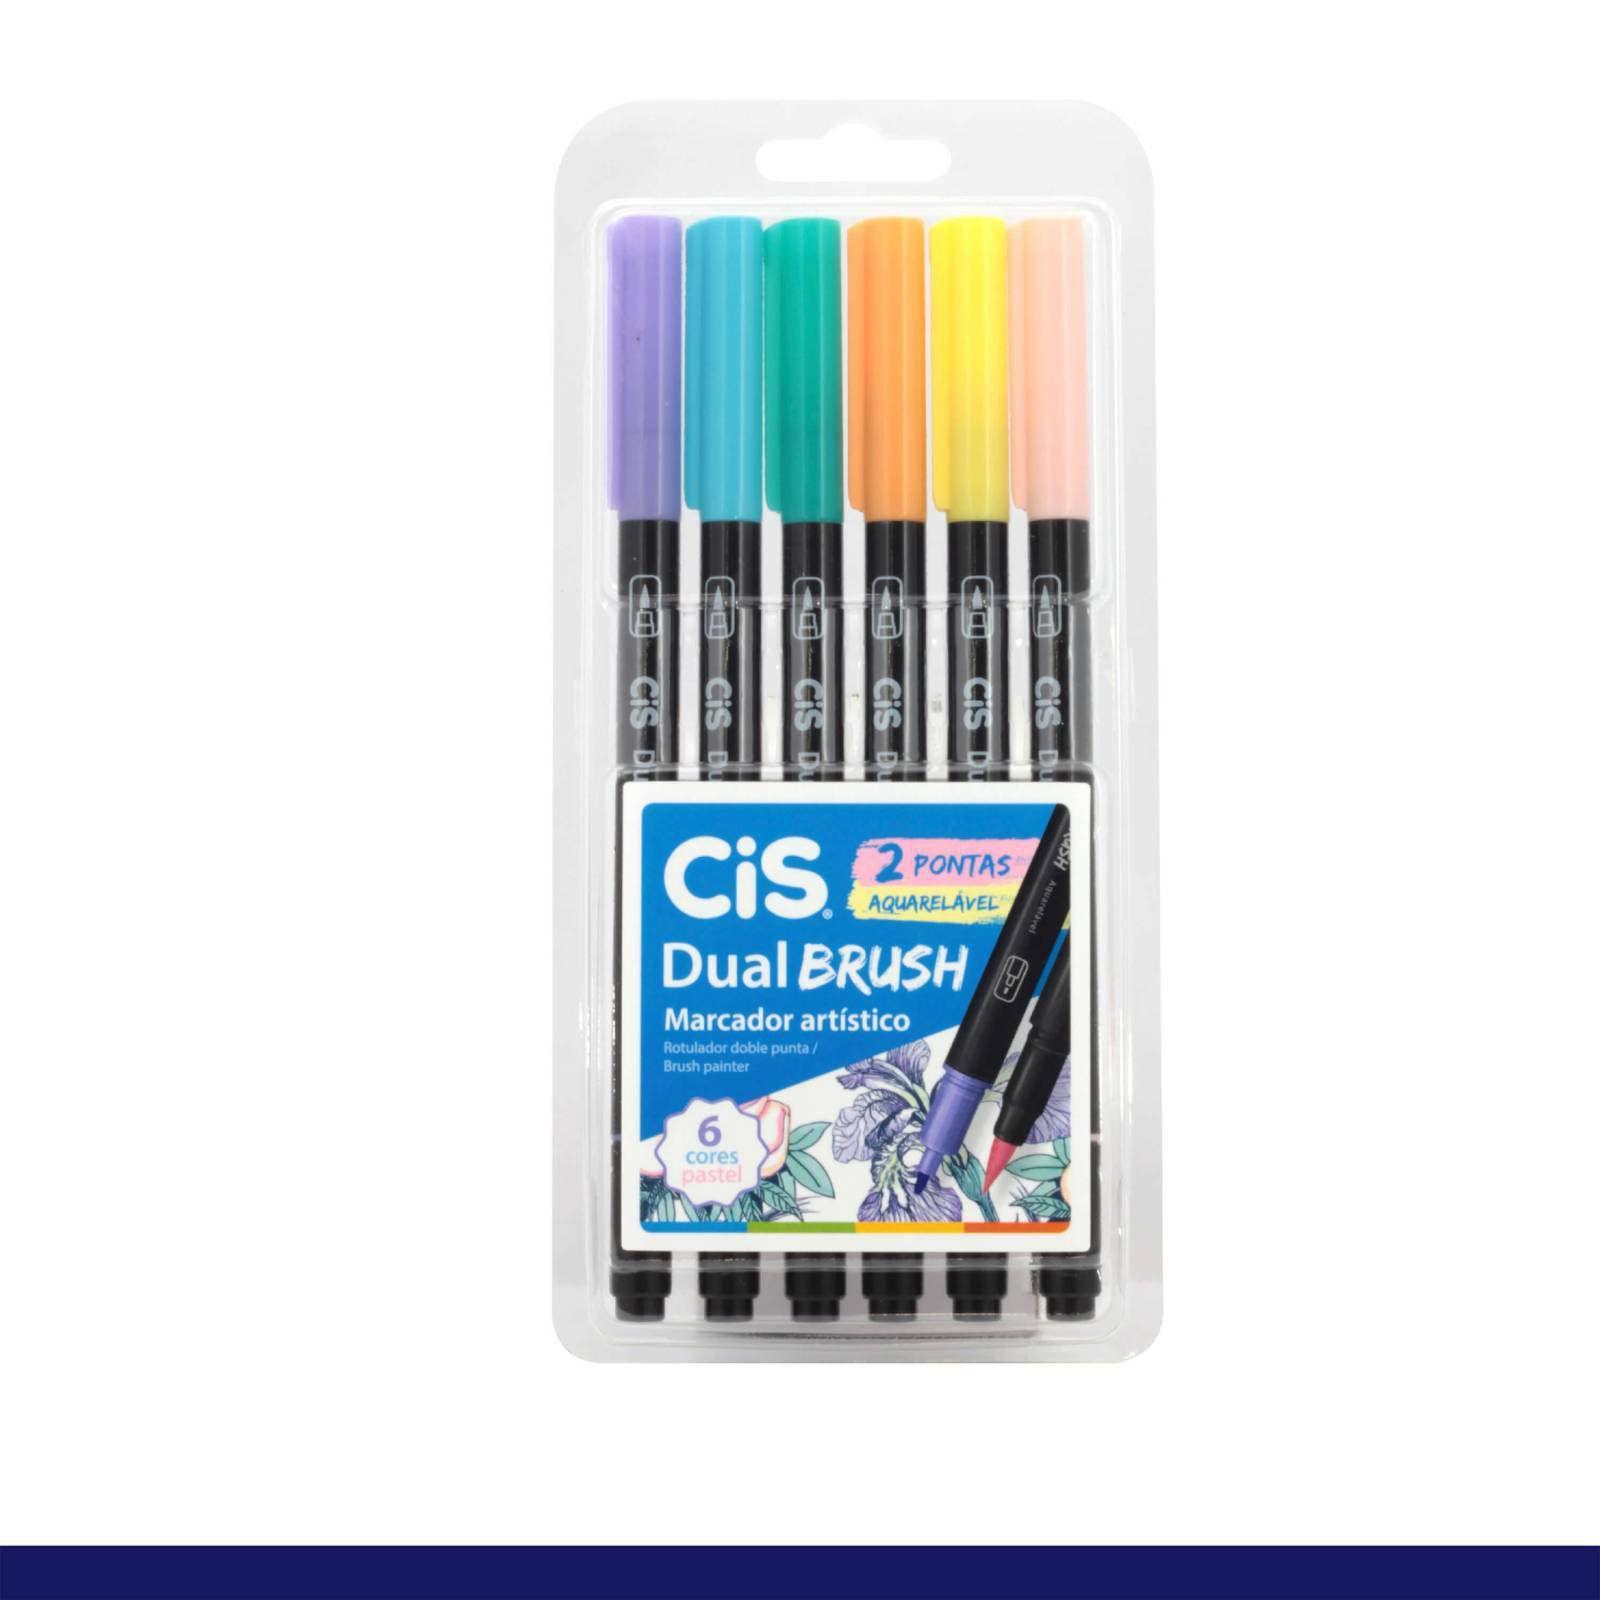 Kit Canetas Ponta Dupla Brush Pastel c/ 6 Cores - CIS